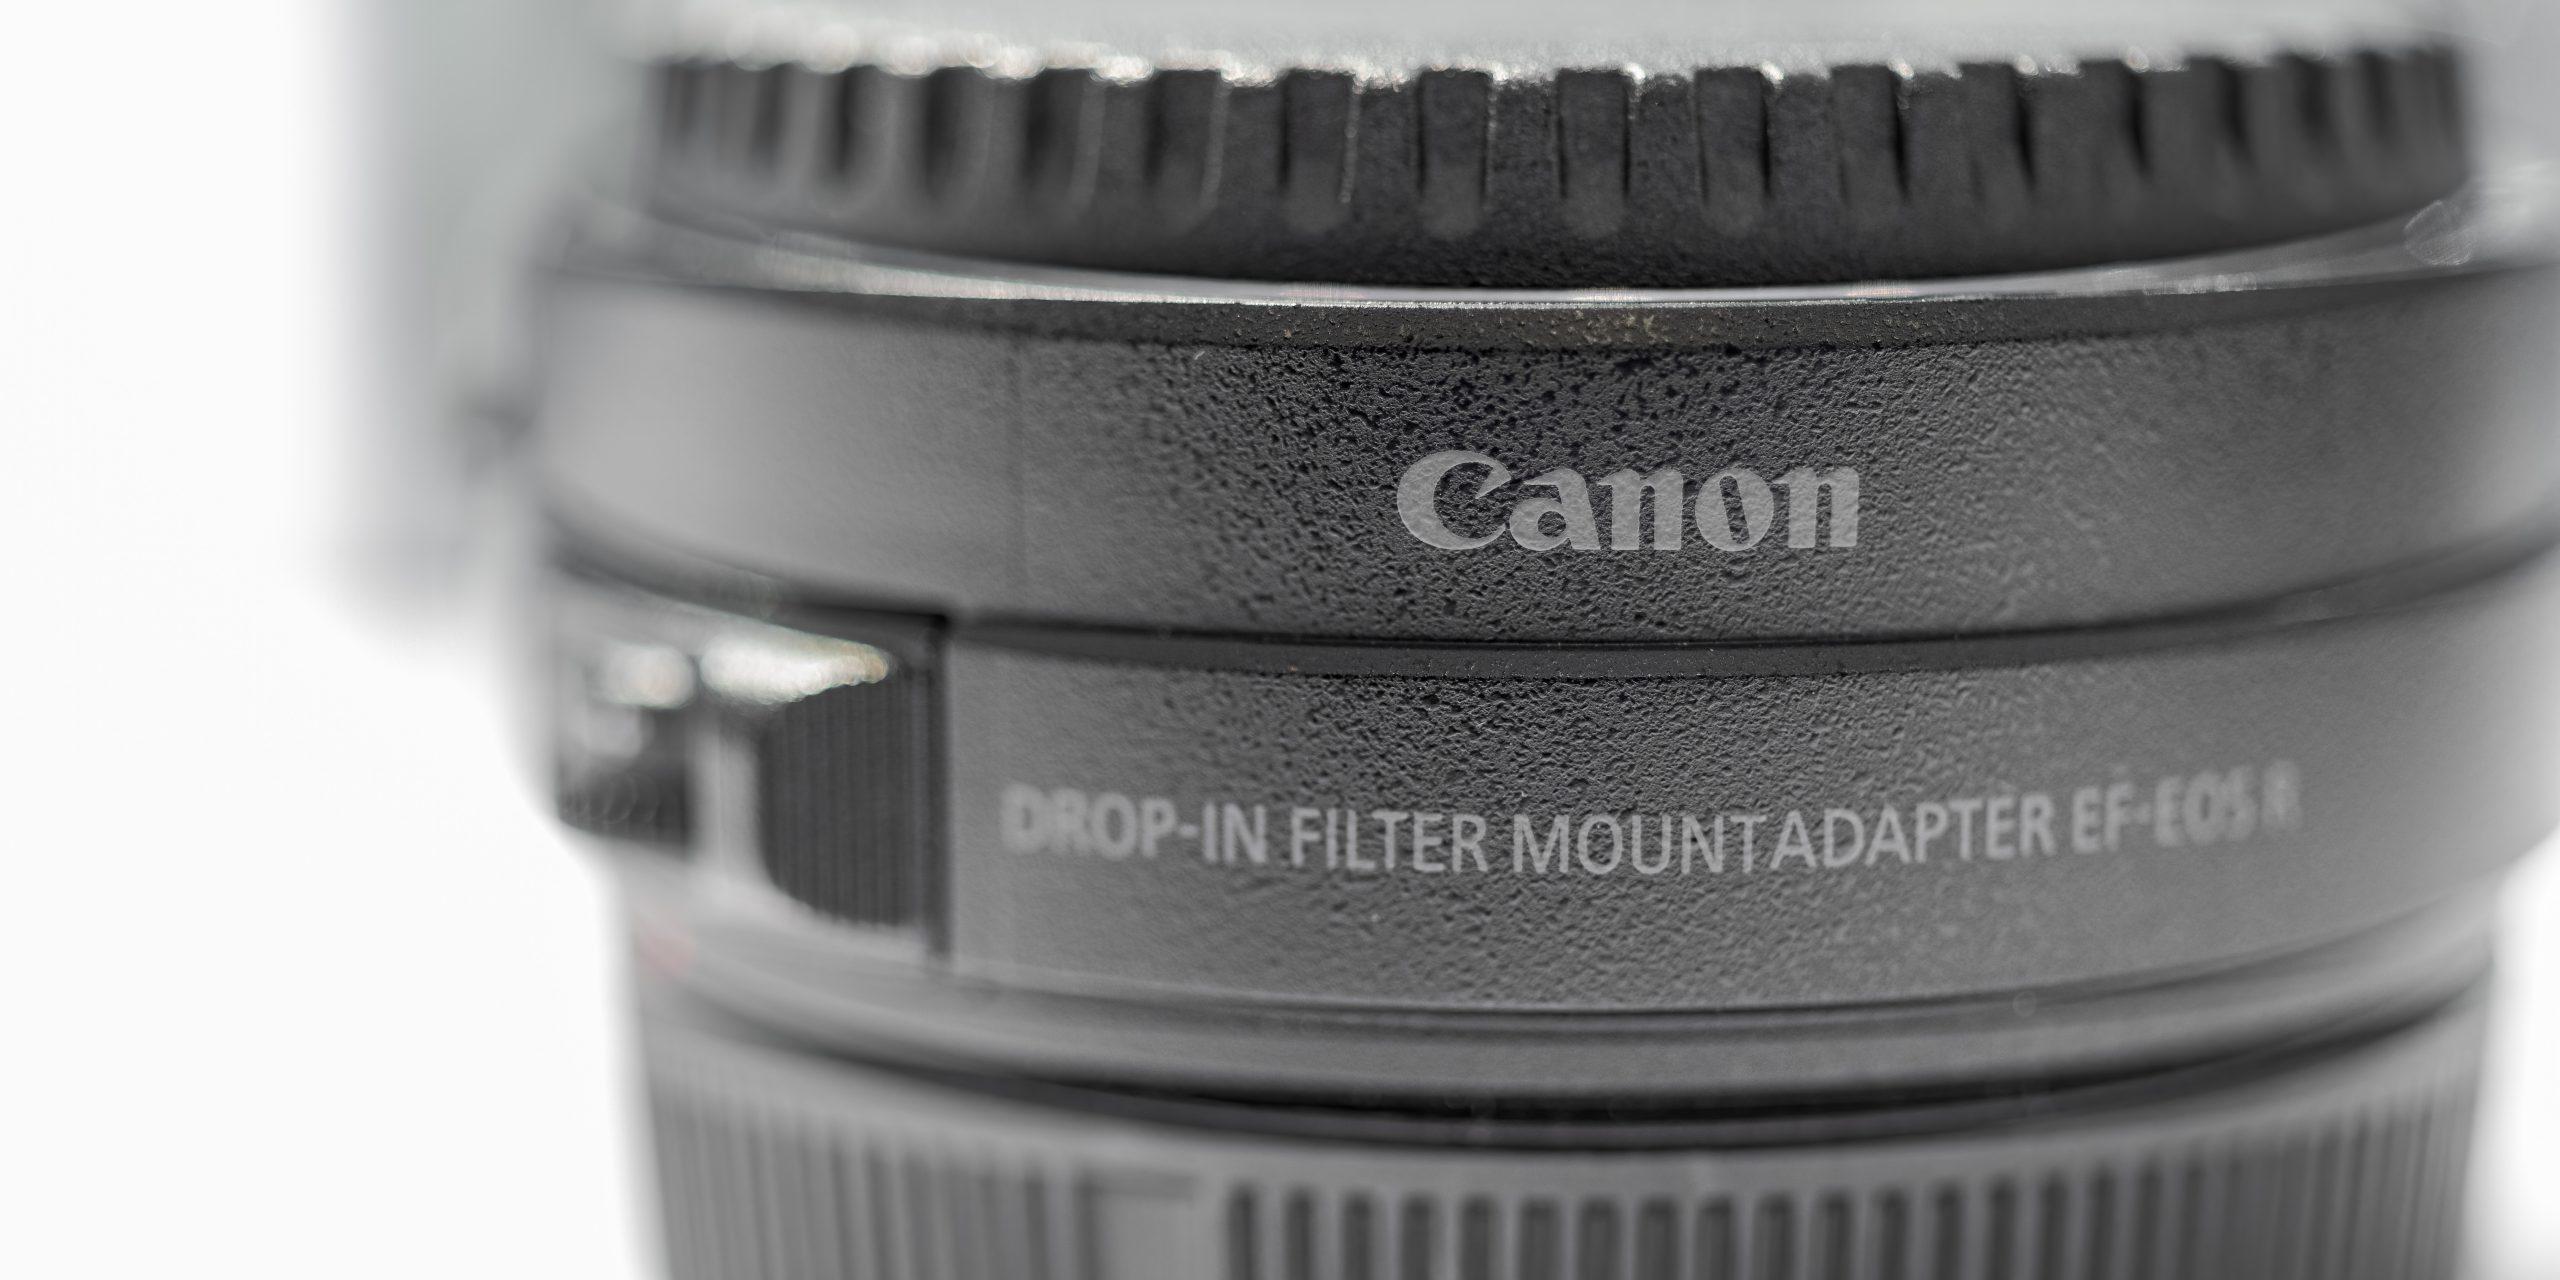 【Canon】アダプターで拡張するEOS Rシステム 「可変式NDフィルター」